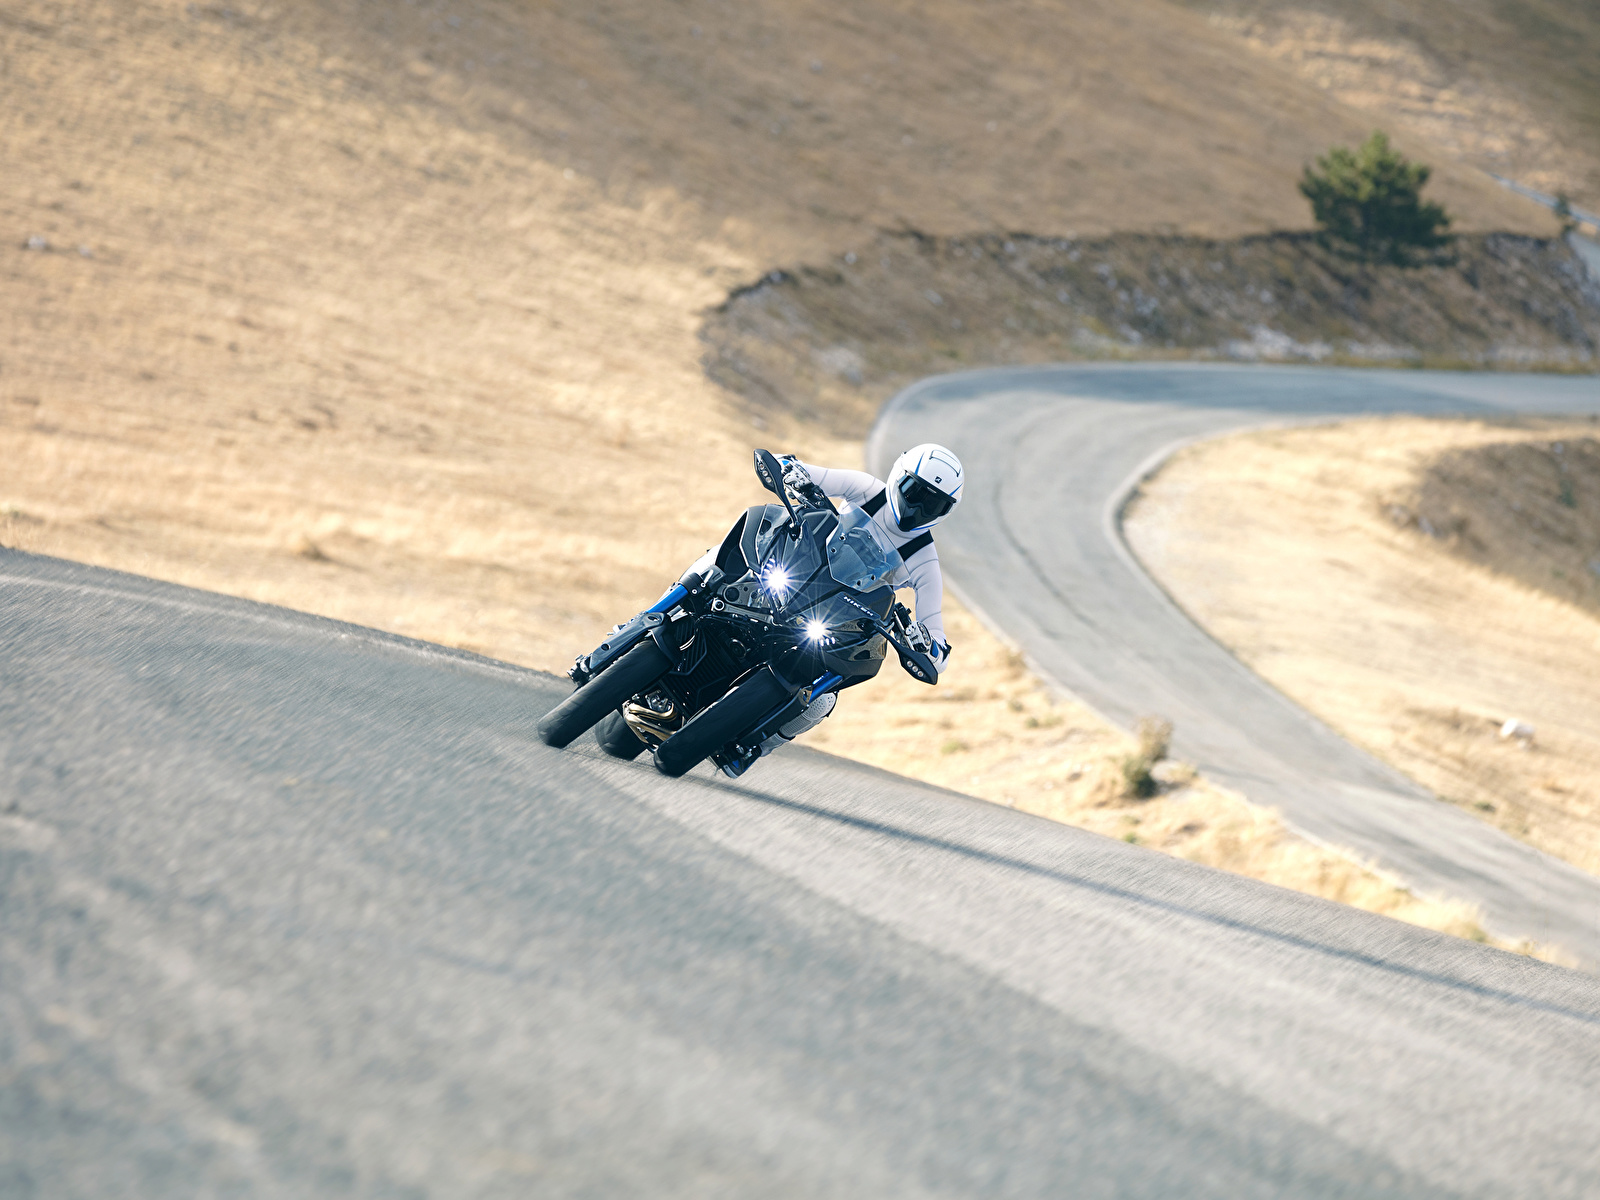 Фотография Ямаха 2018 Niken Мотоциклы едущий Мотоциклист 1600x1200 Yamaha мотоцикл едет едущая Движение скорость